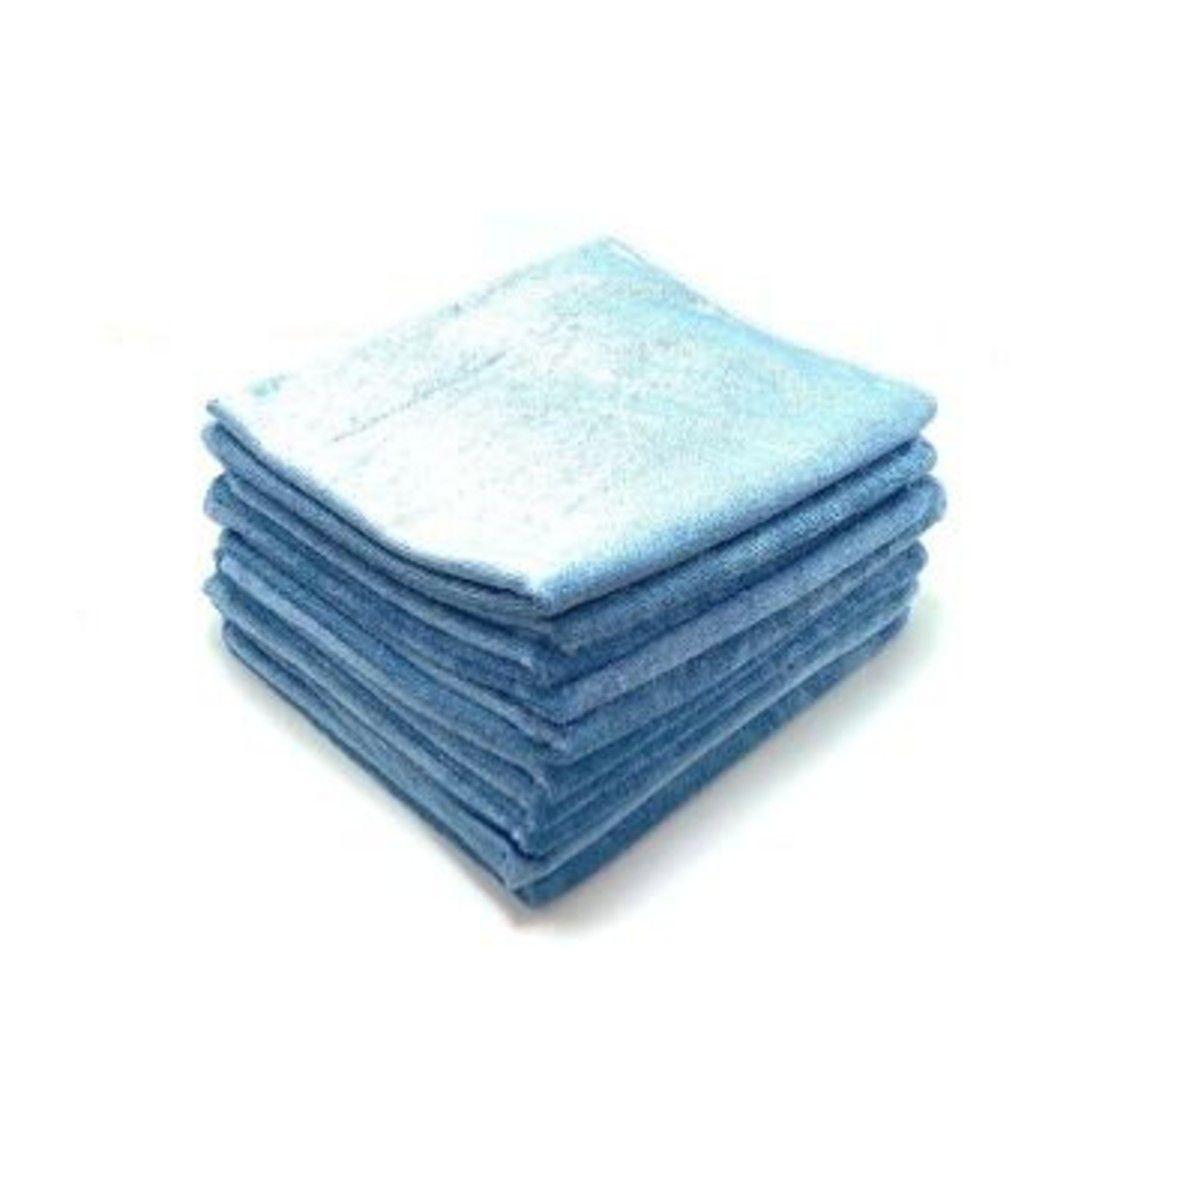 Pano De Microfibra Para Secagem Mandala 48x88cm Azul  10 Undidades